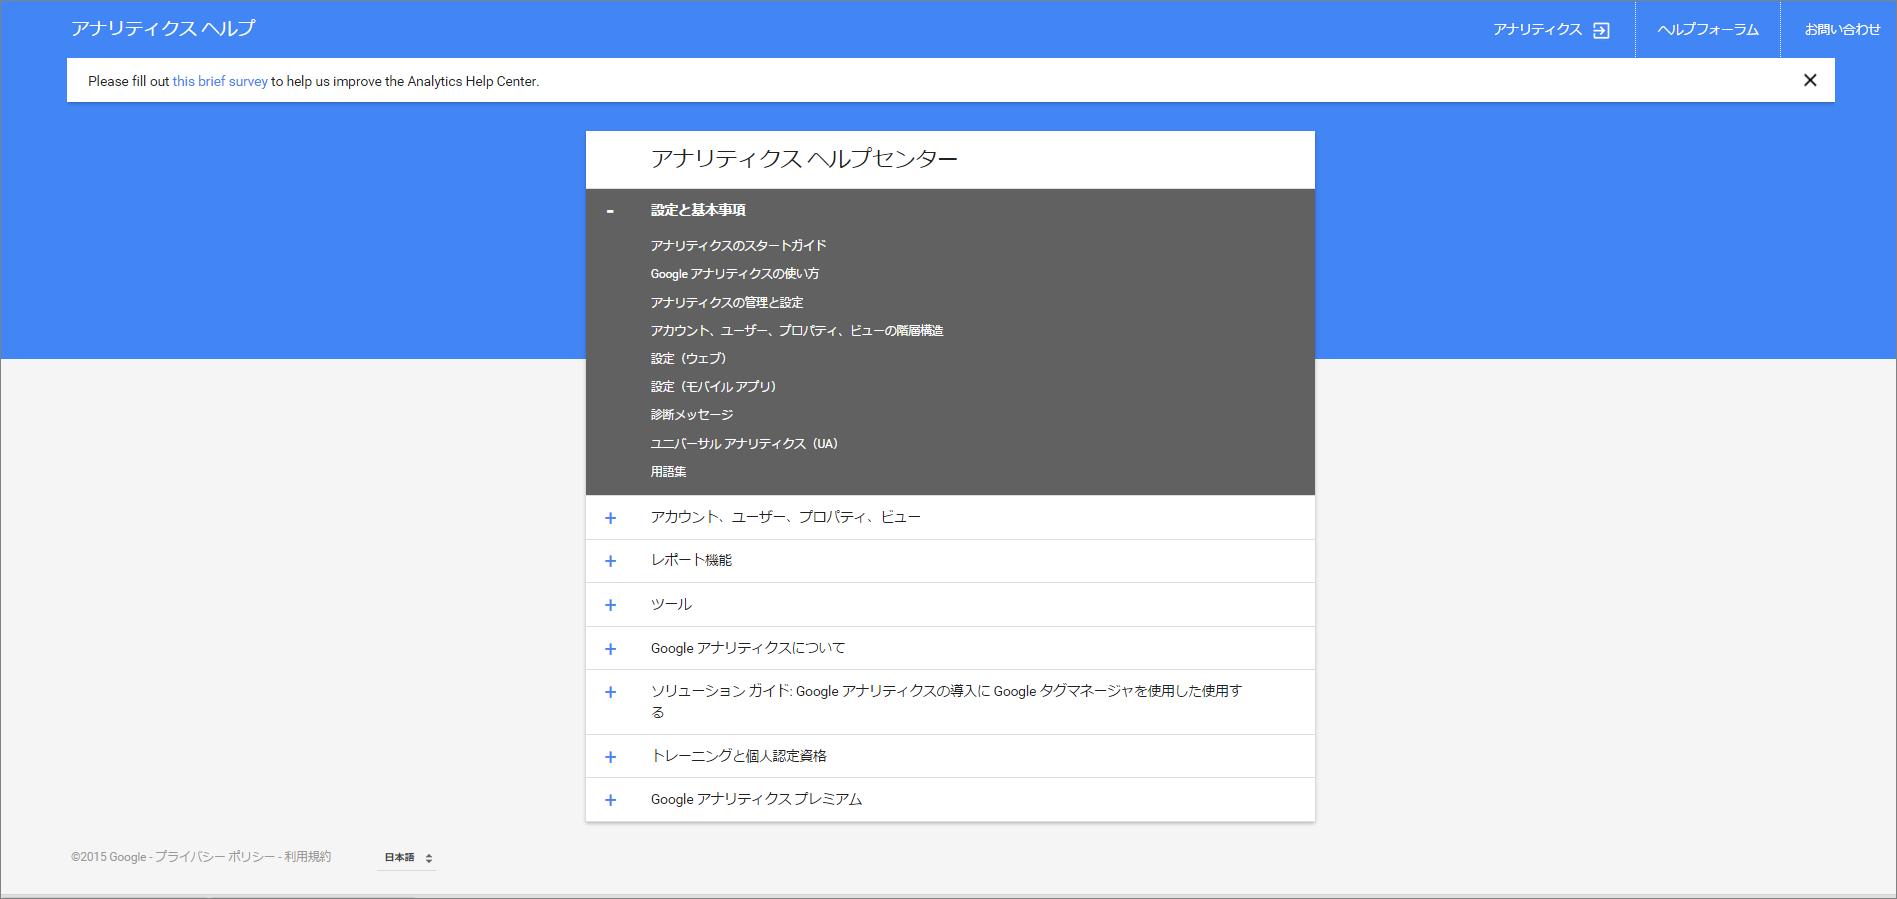 googleアナリティクスヘルプセンターのトップページ